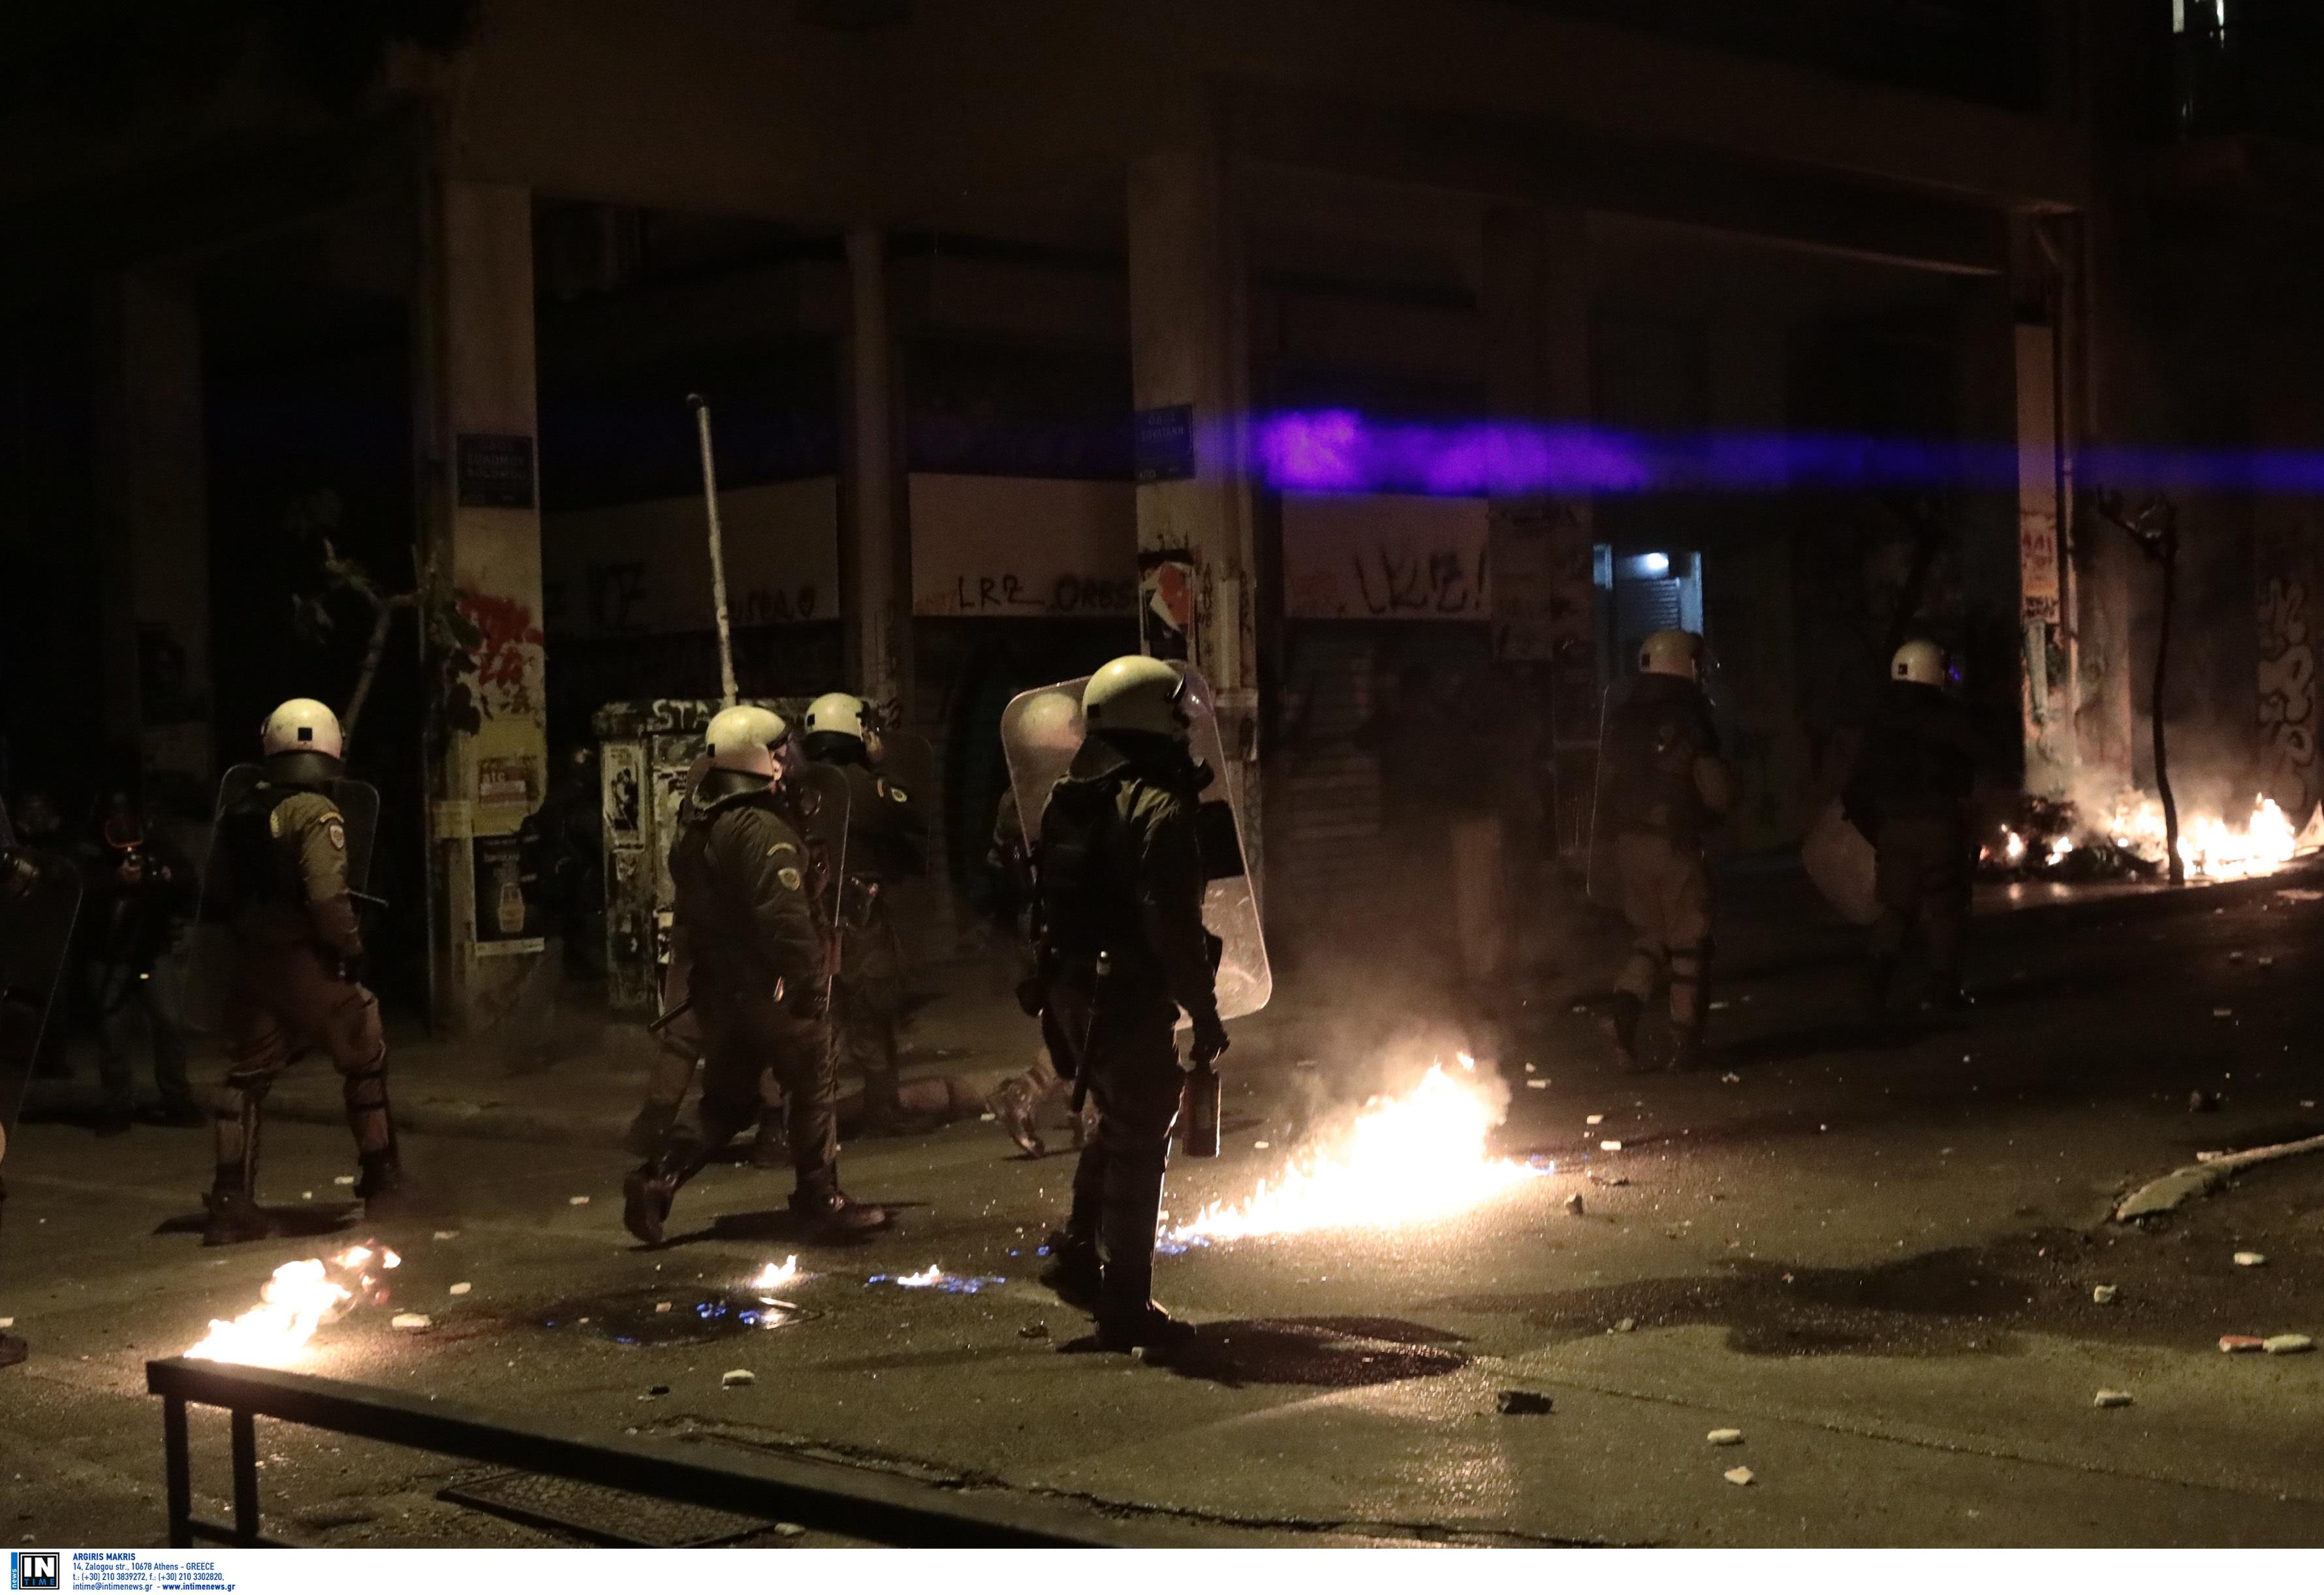 """Υπουργείο Προστασίας του Πολίτη: """"Δεν υπήρξε καταστολή, δεν υπήρξαν επεισόδια"""""""